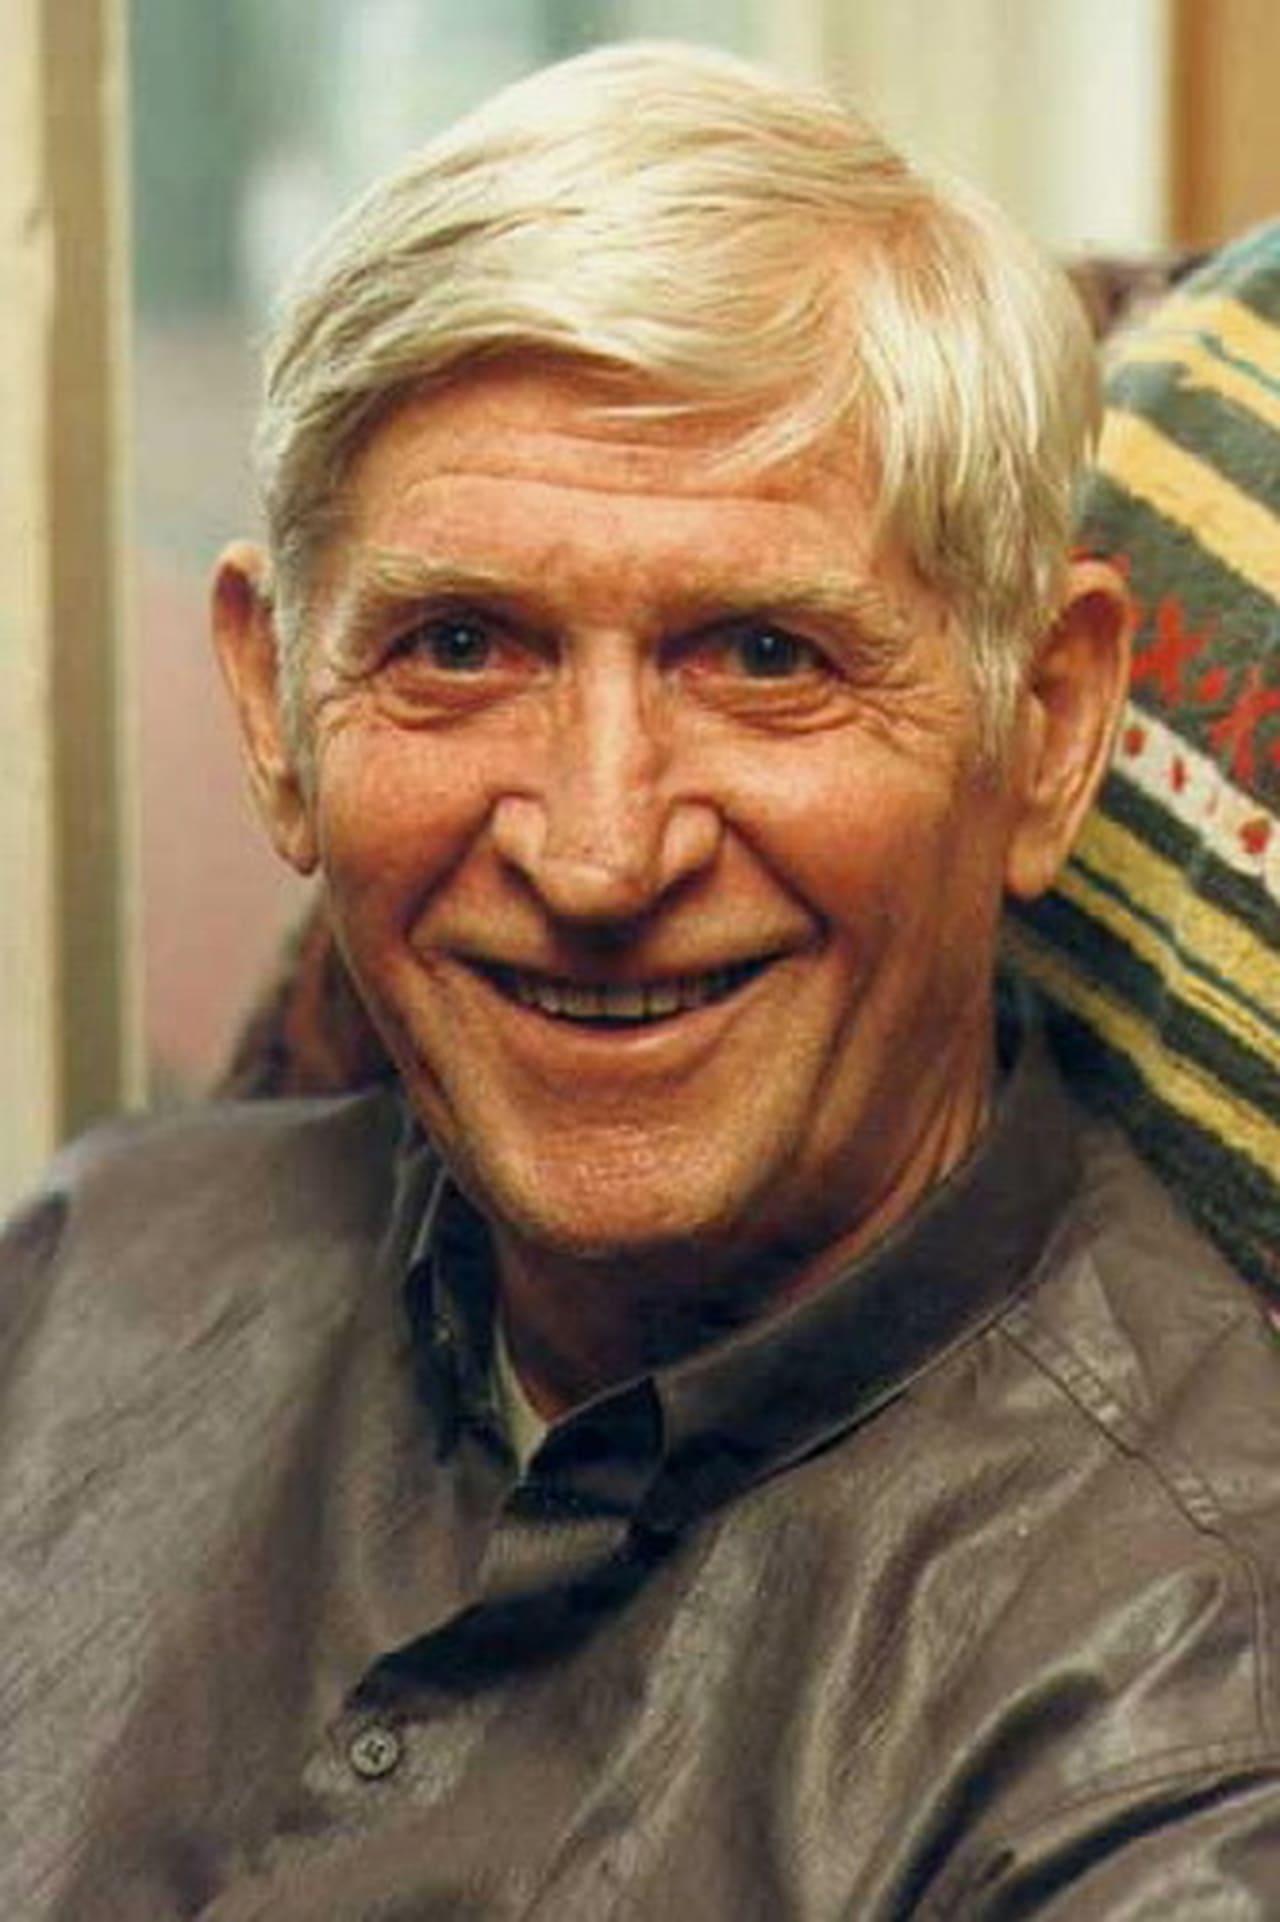 Vyacheslav Kotyonochkin